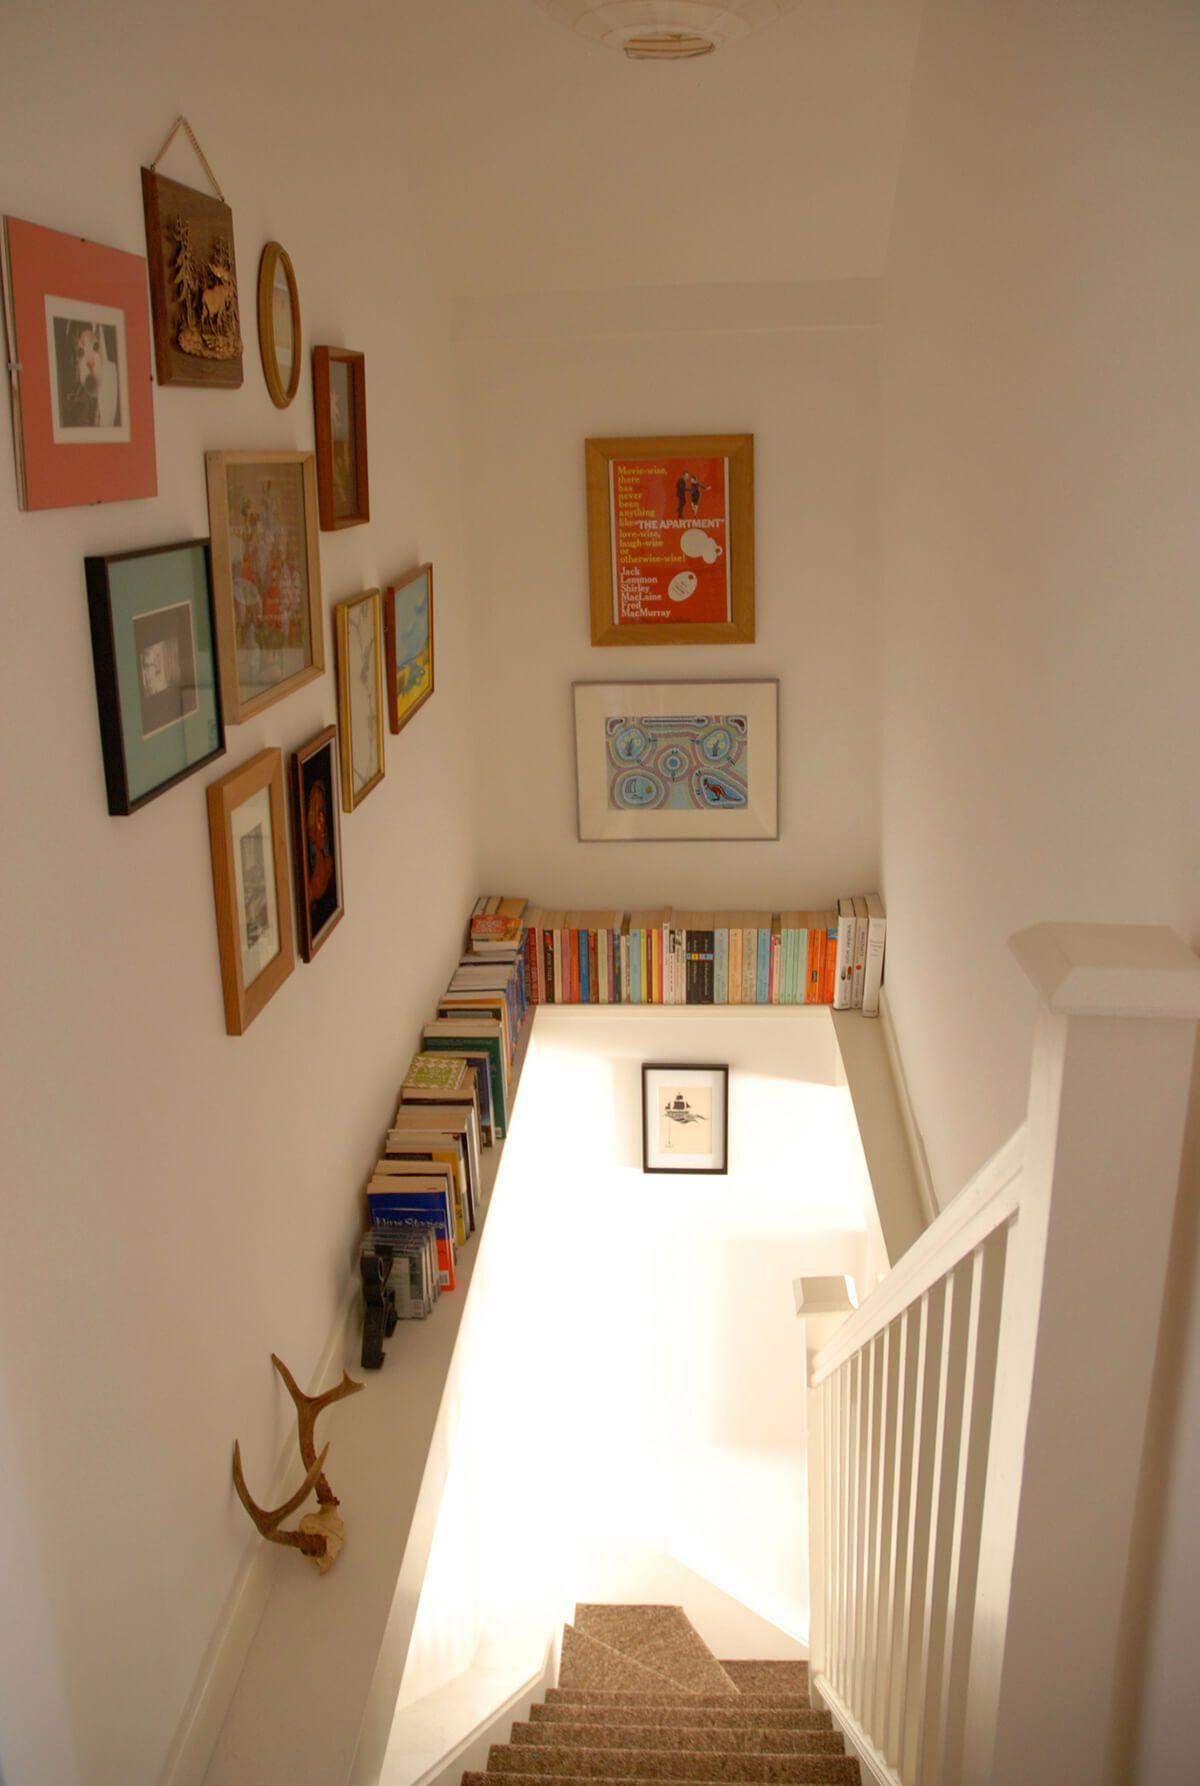 28 Stilvolles Treppenhaus Dekorationsideen für die Anzeige von Pflanzen bis zu Bildern #hausdekodekoration